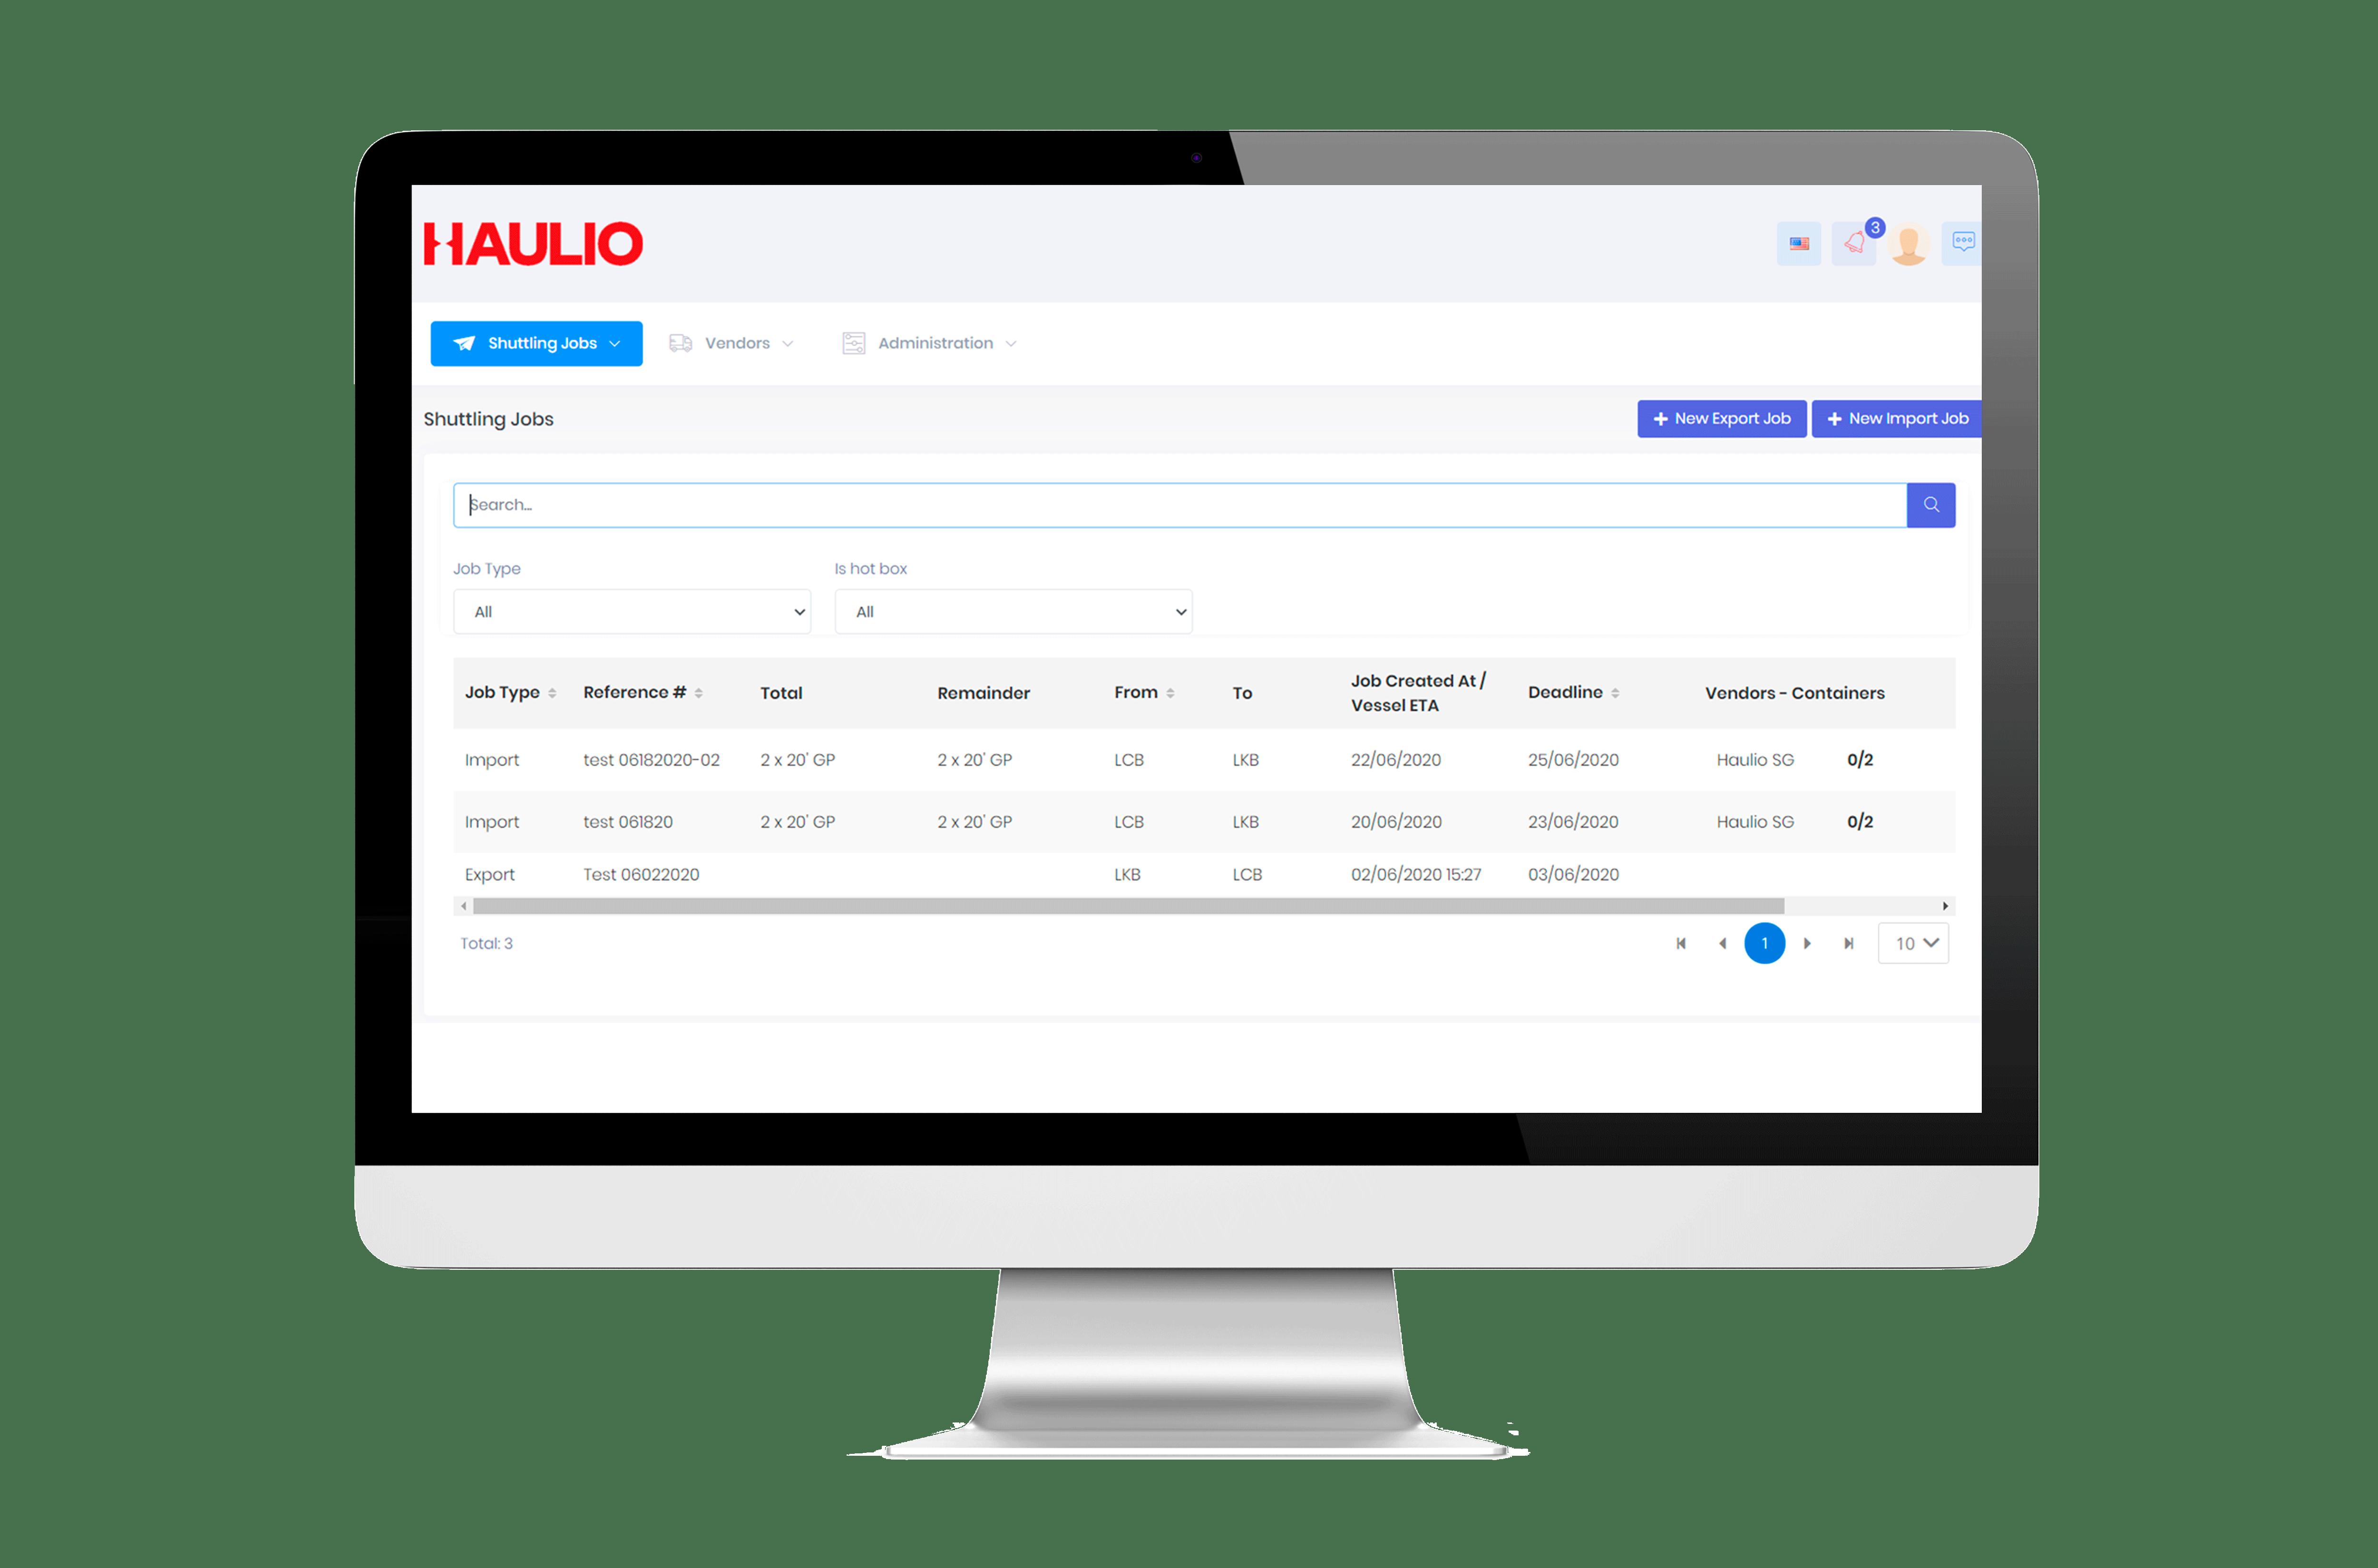 Haulio TH Vendor Management System